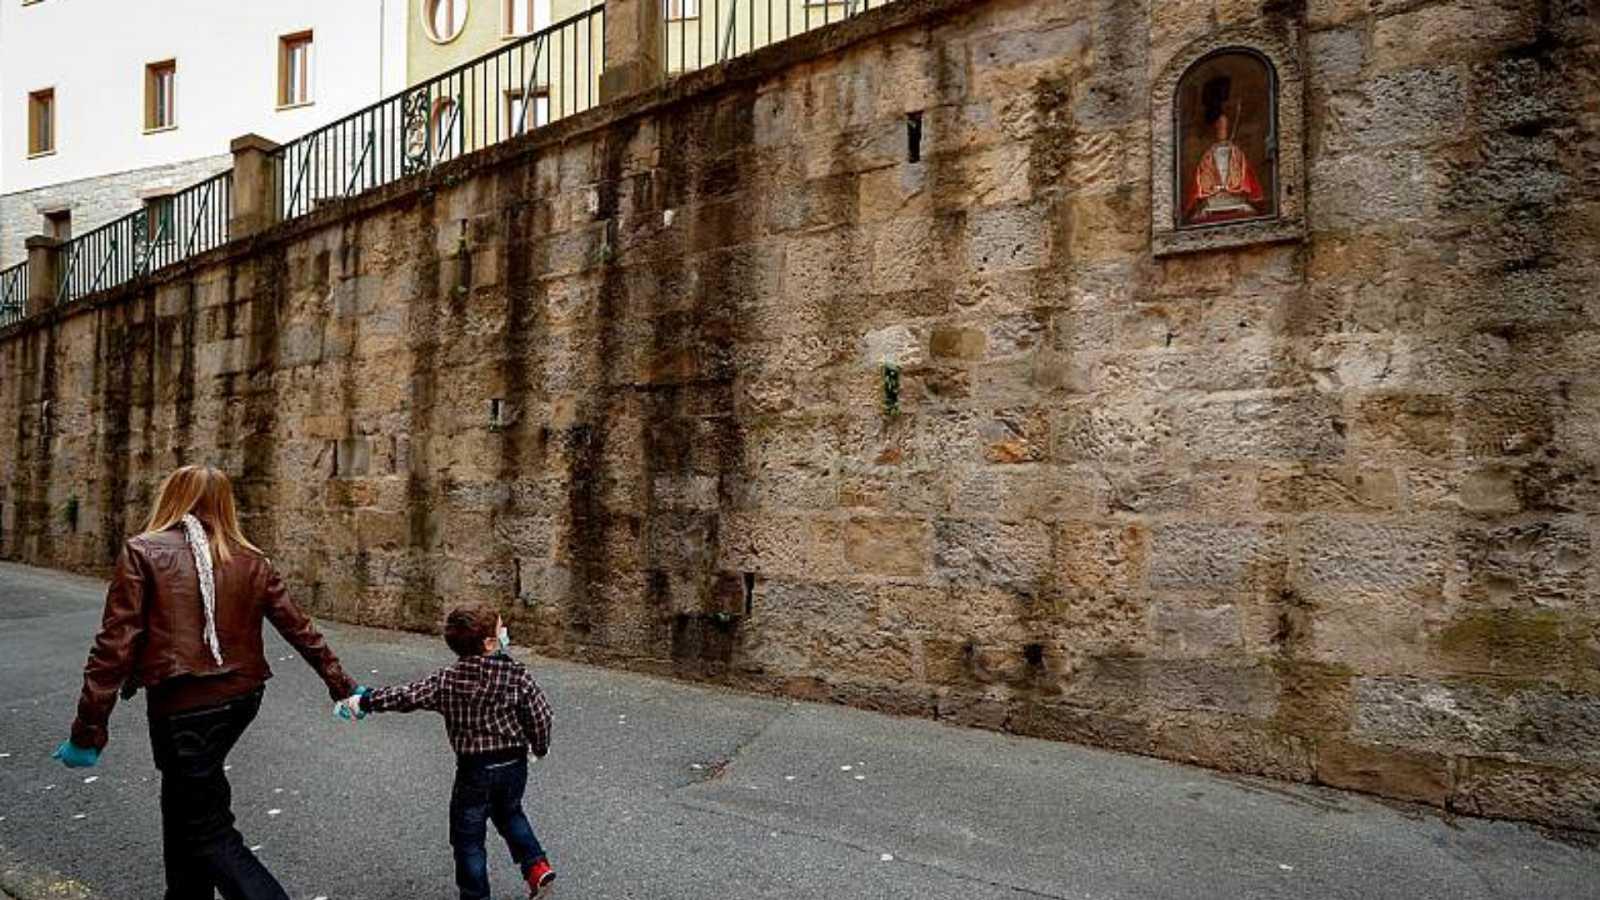 24 horas - El Gobierno foral confina Navarra, suspende la actividad hostelera y restringe las reuniones solo a convivientes - Escuchar ahora